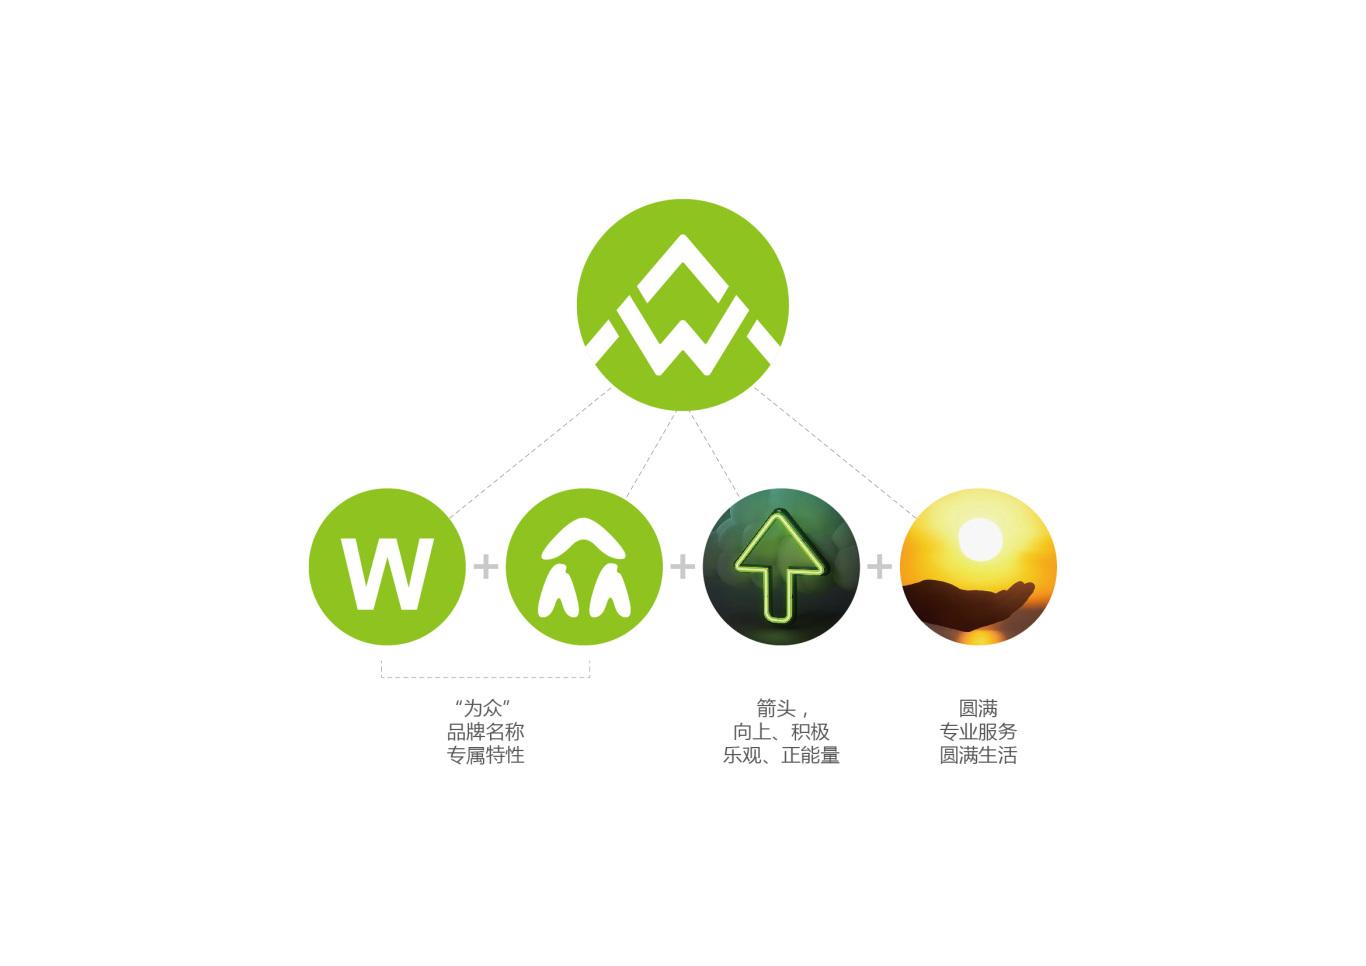 为众生活-品牌标志设计图7